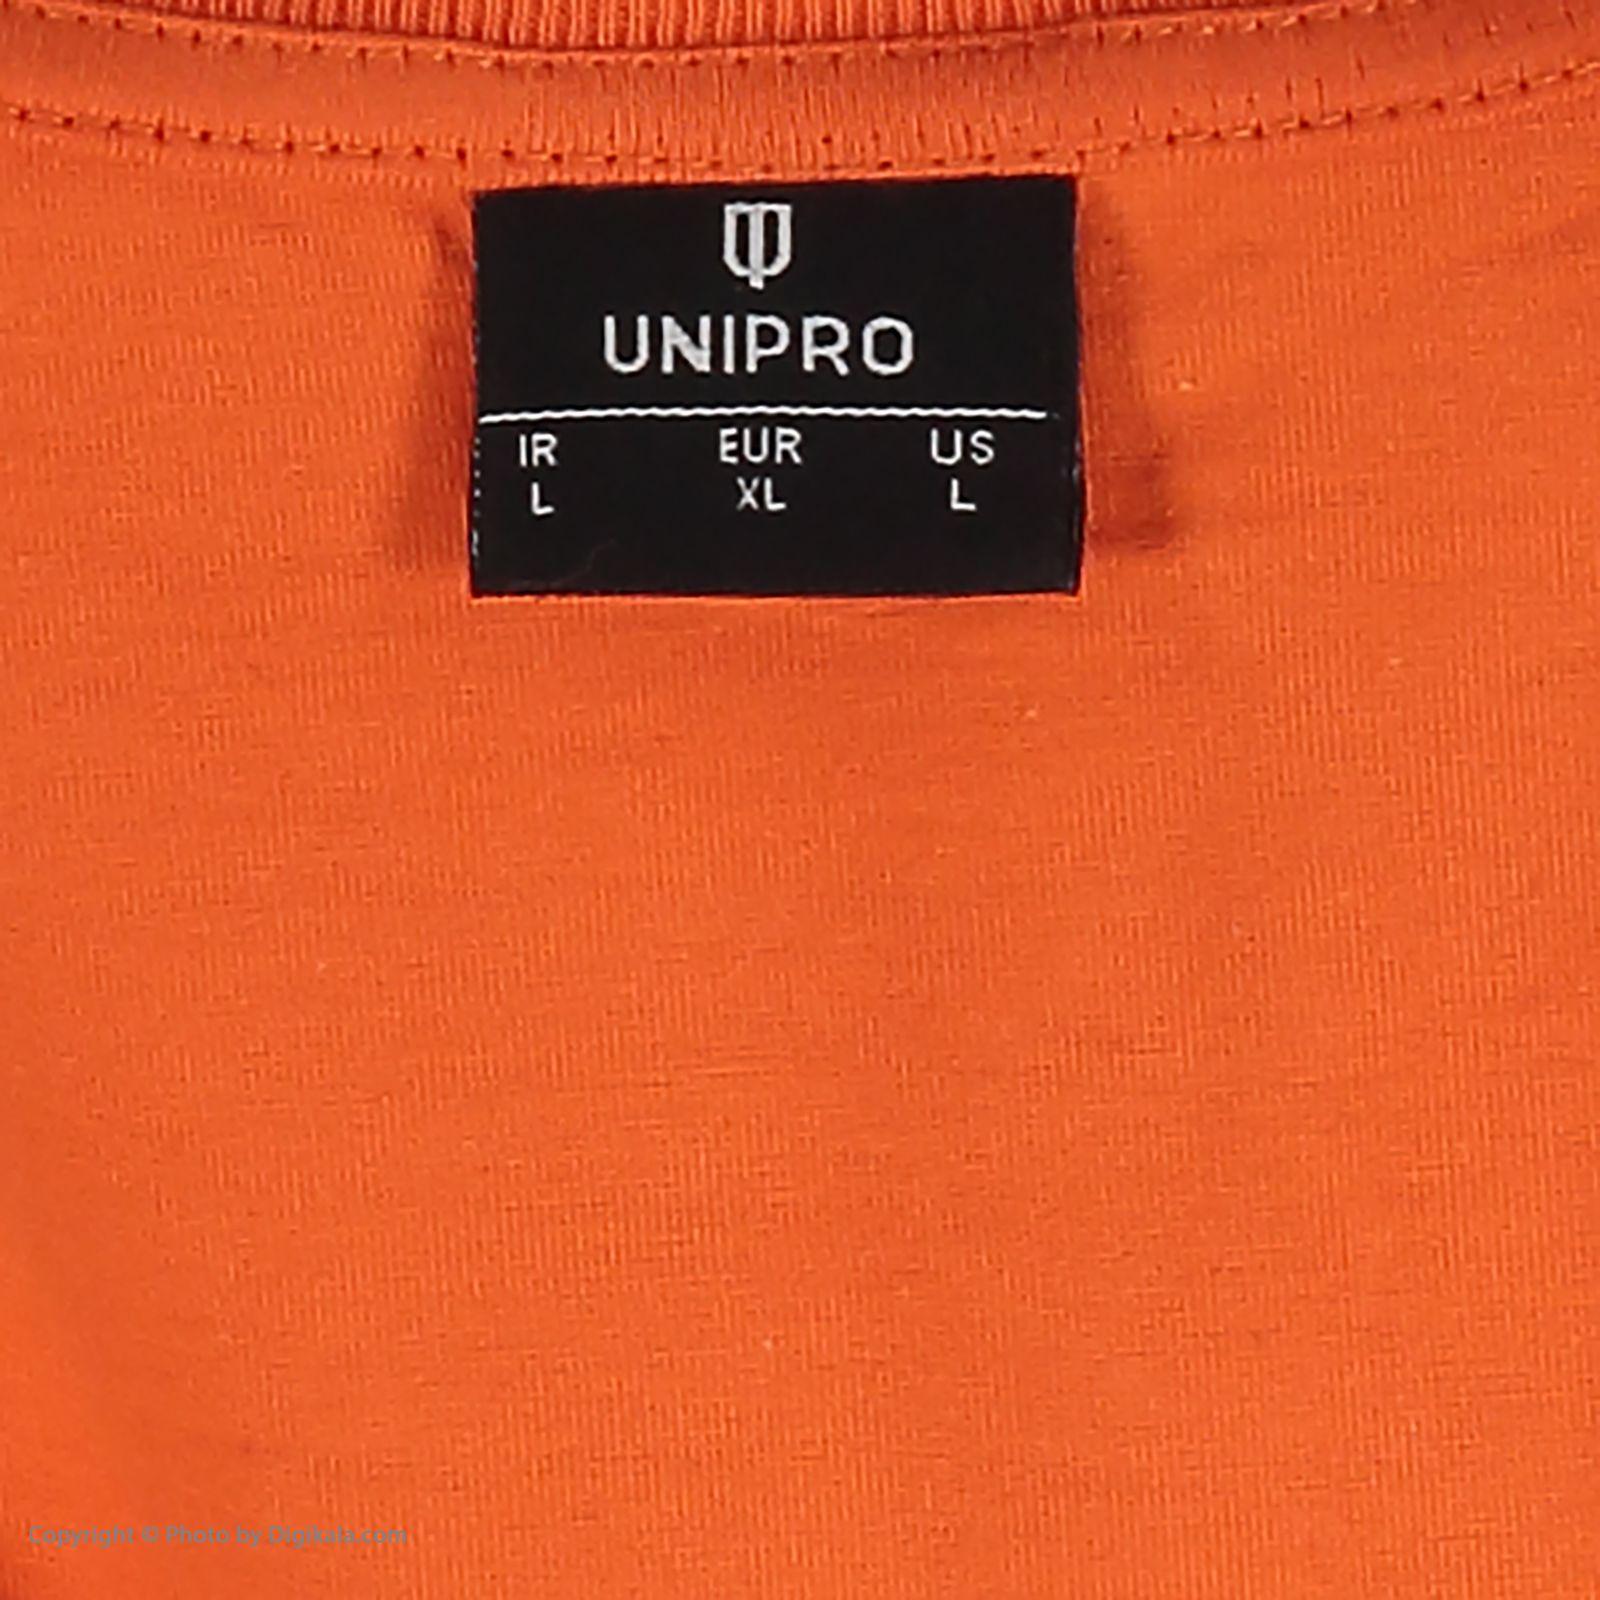 تی شرت ورزشی مردانه یونی پرو مدل 914119324-30 -  - 6